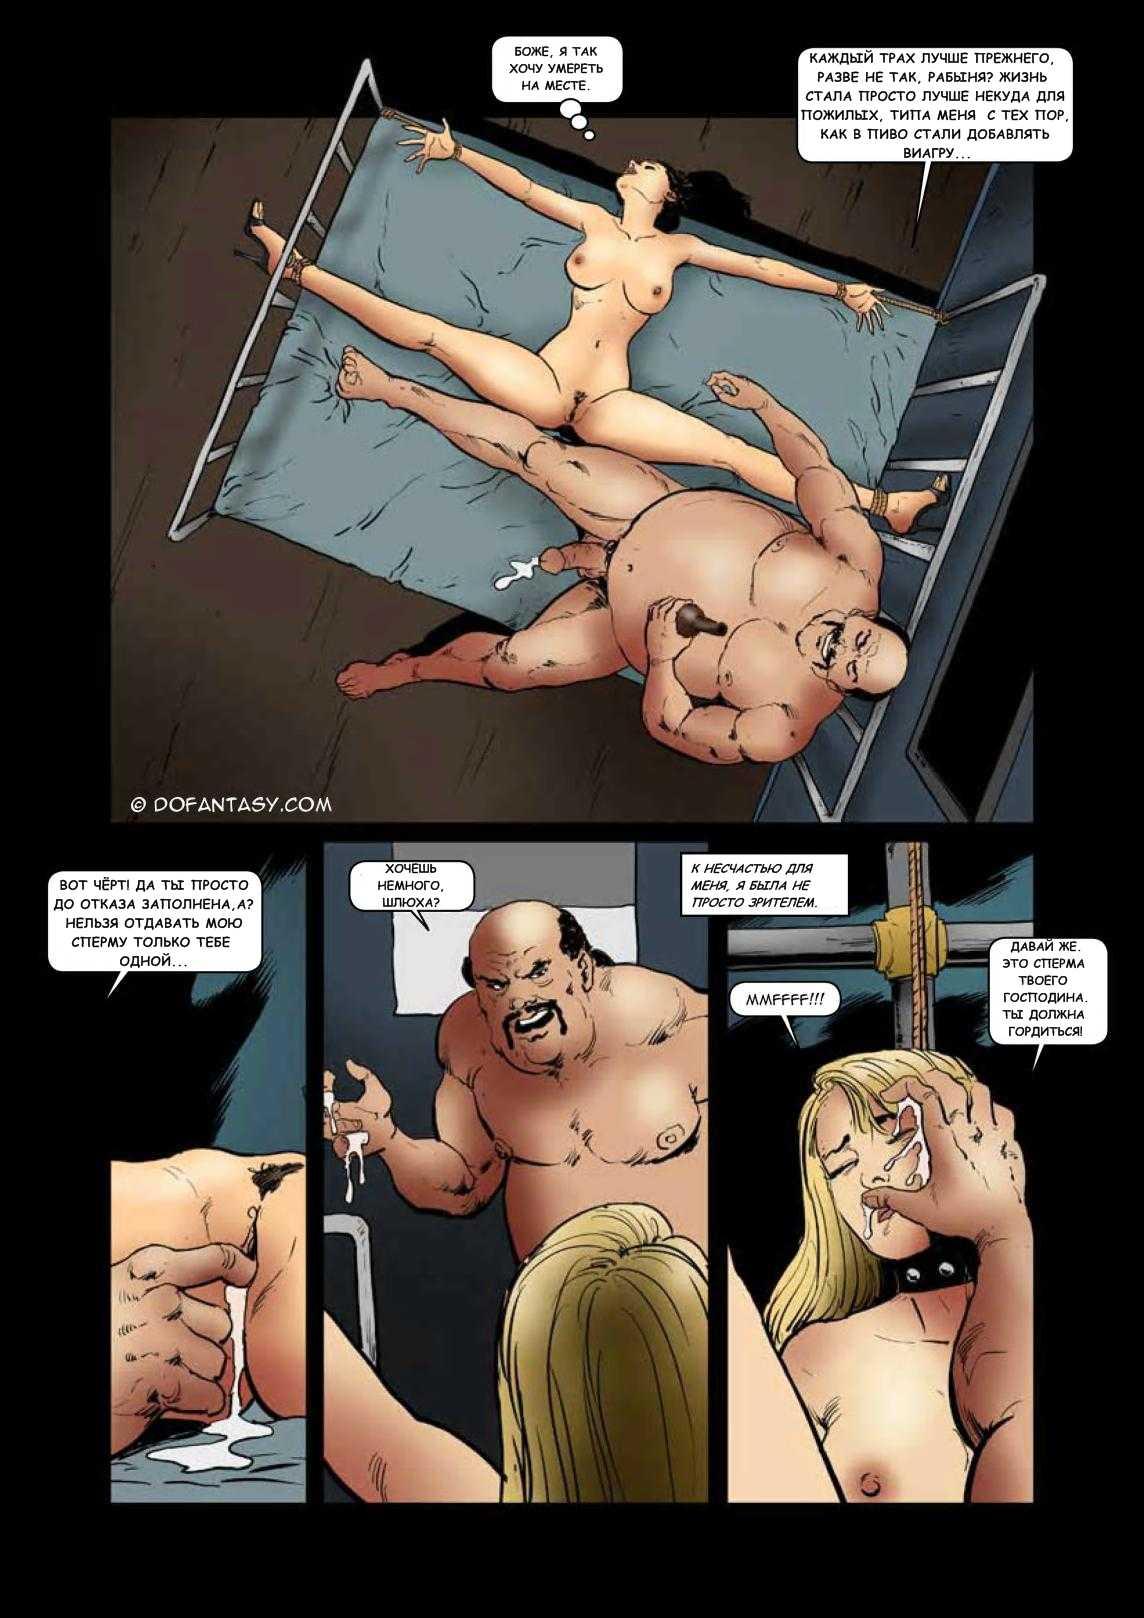 Рассказы порно извращенцы 18 фотография